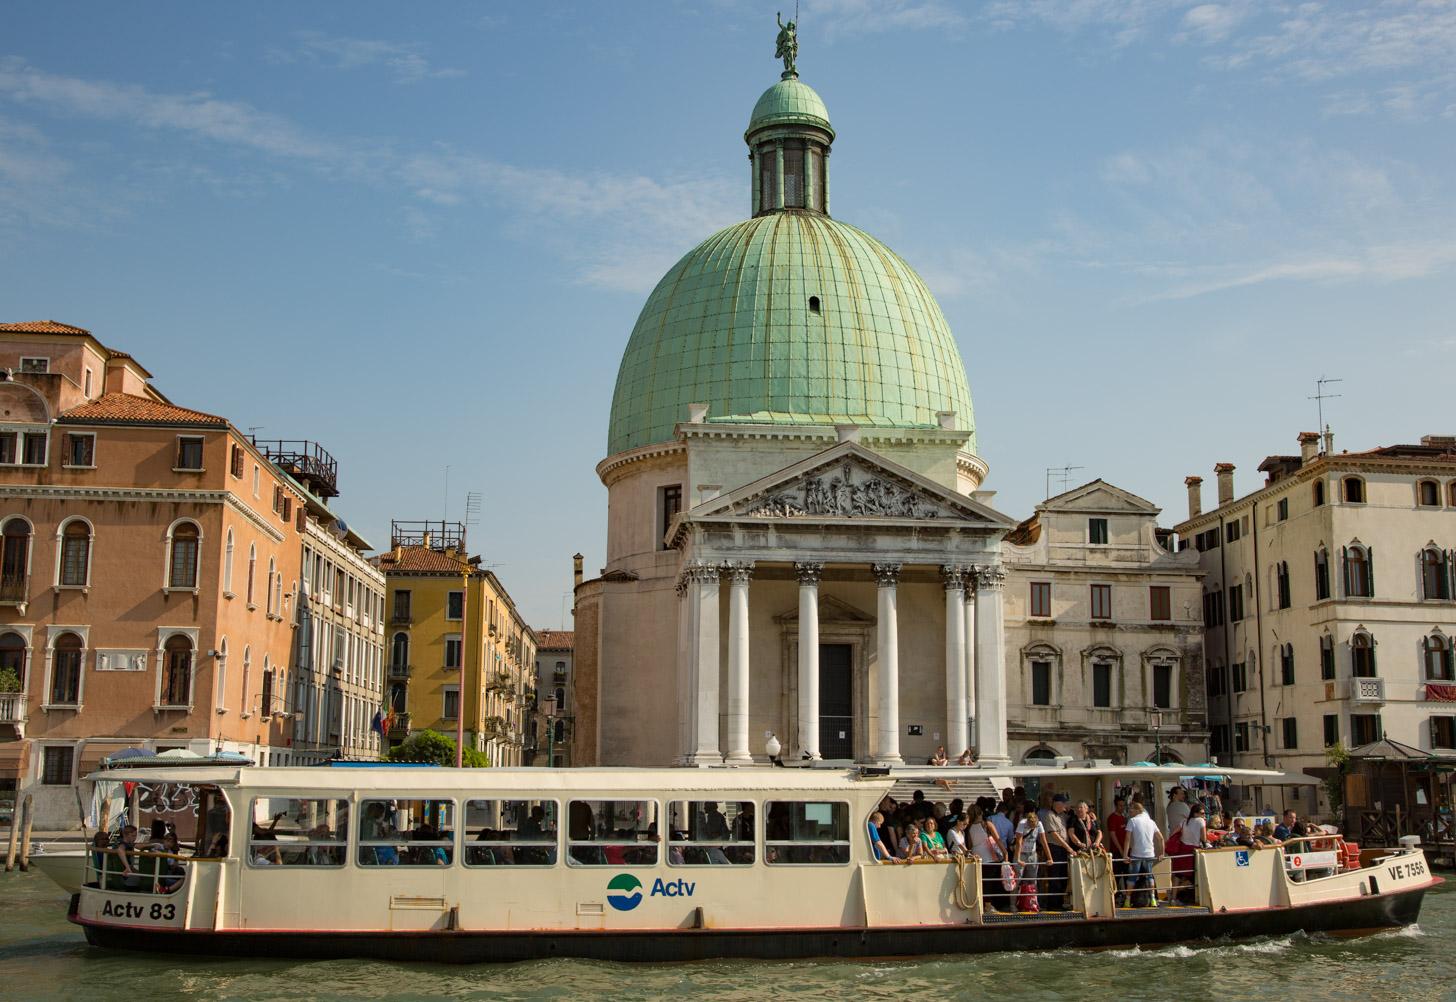 Een Vaporetto op het water in Venetië